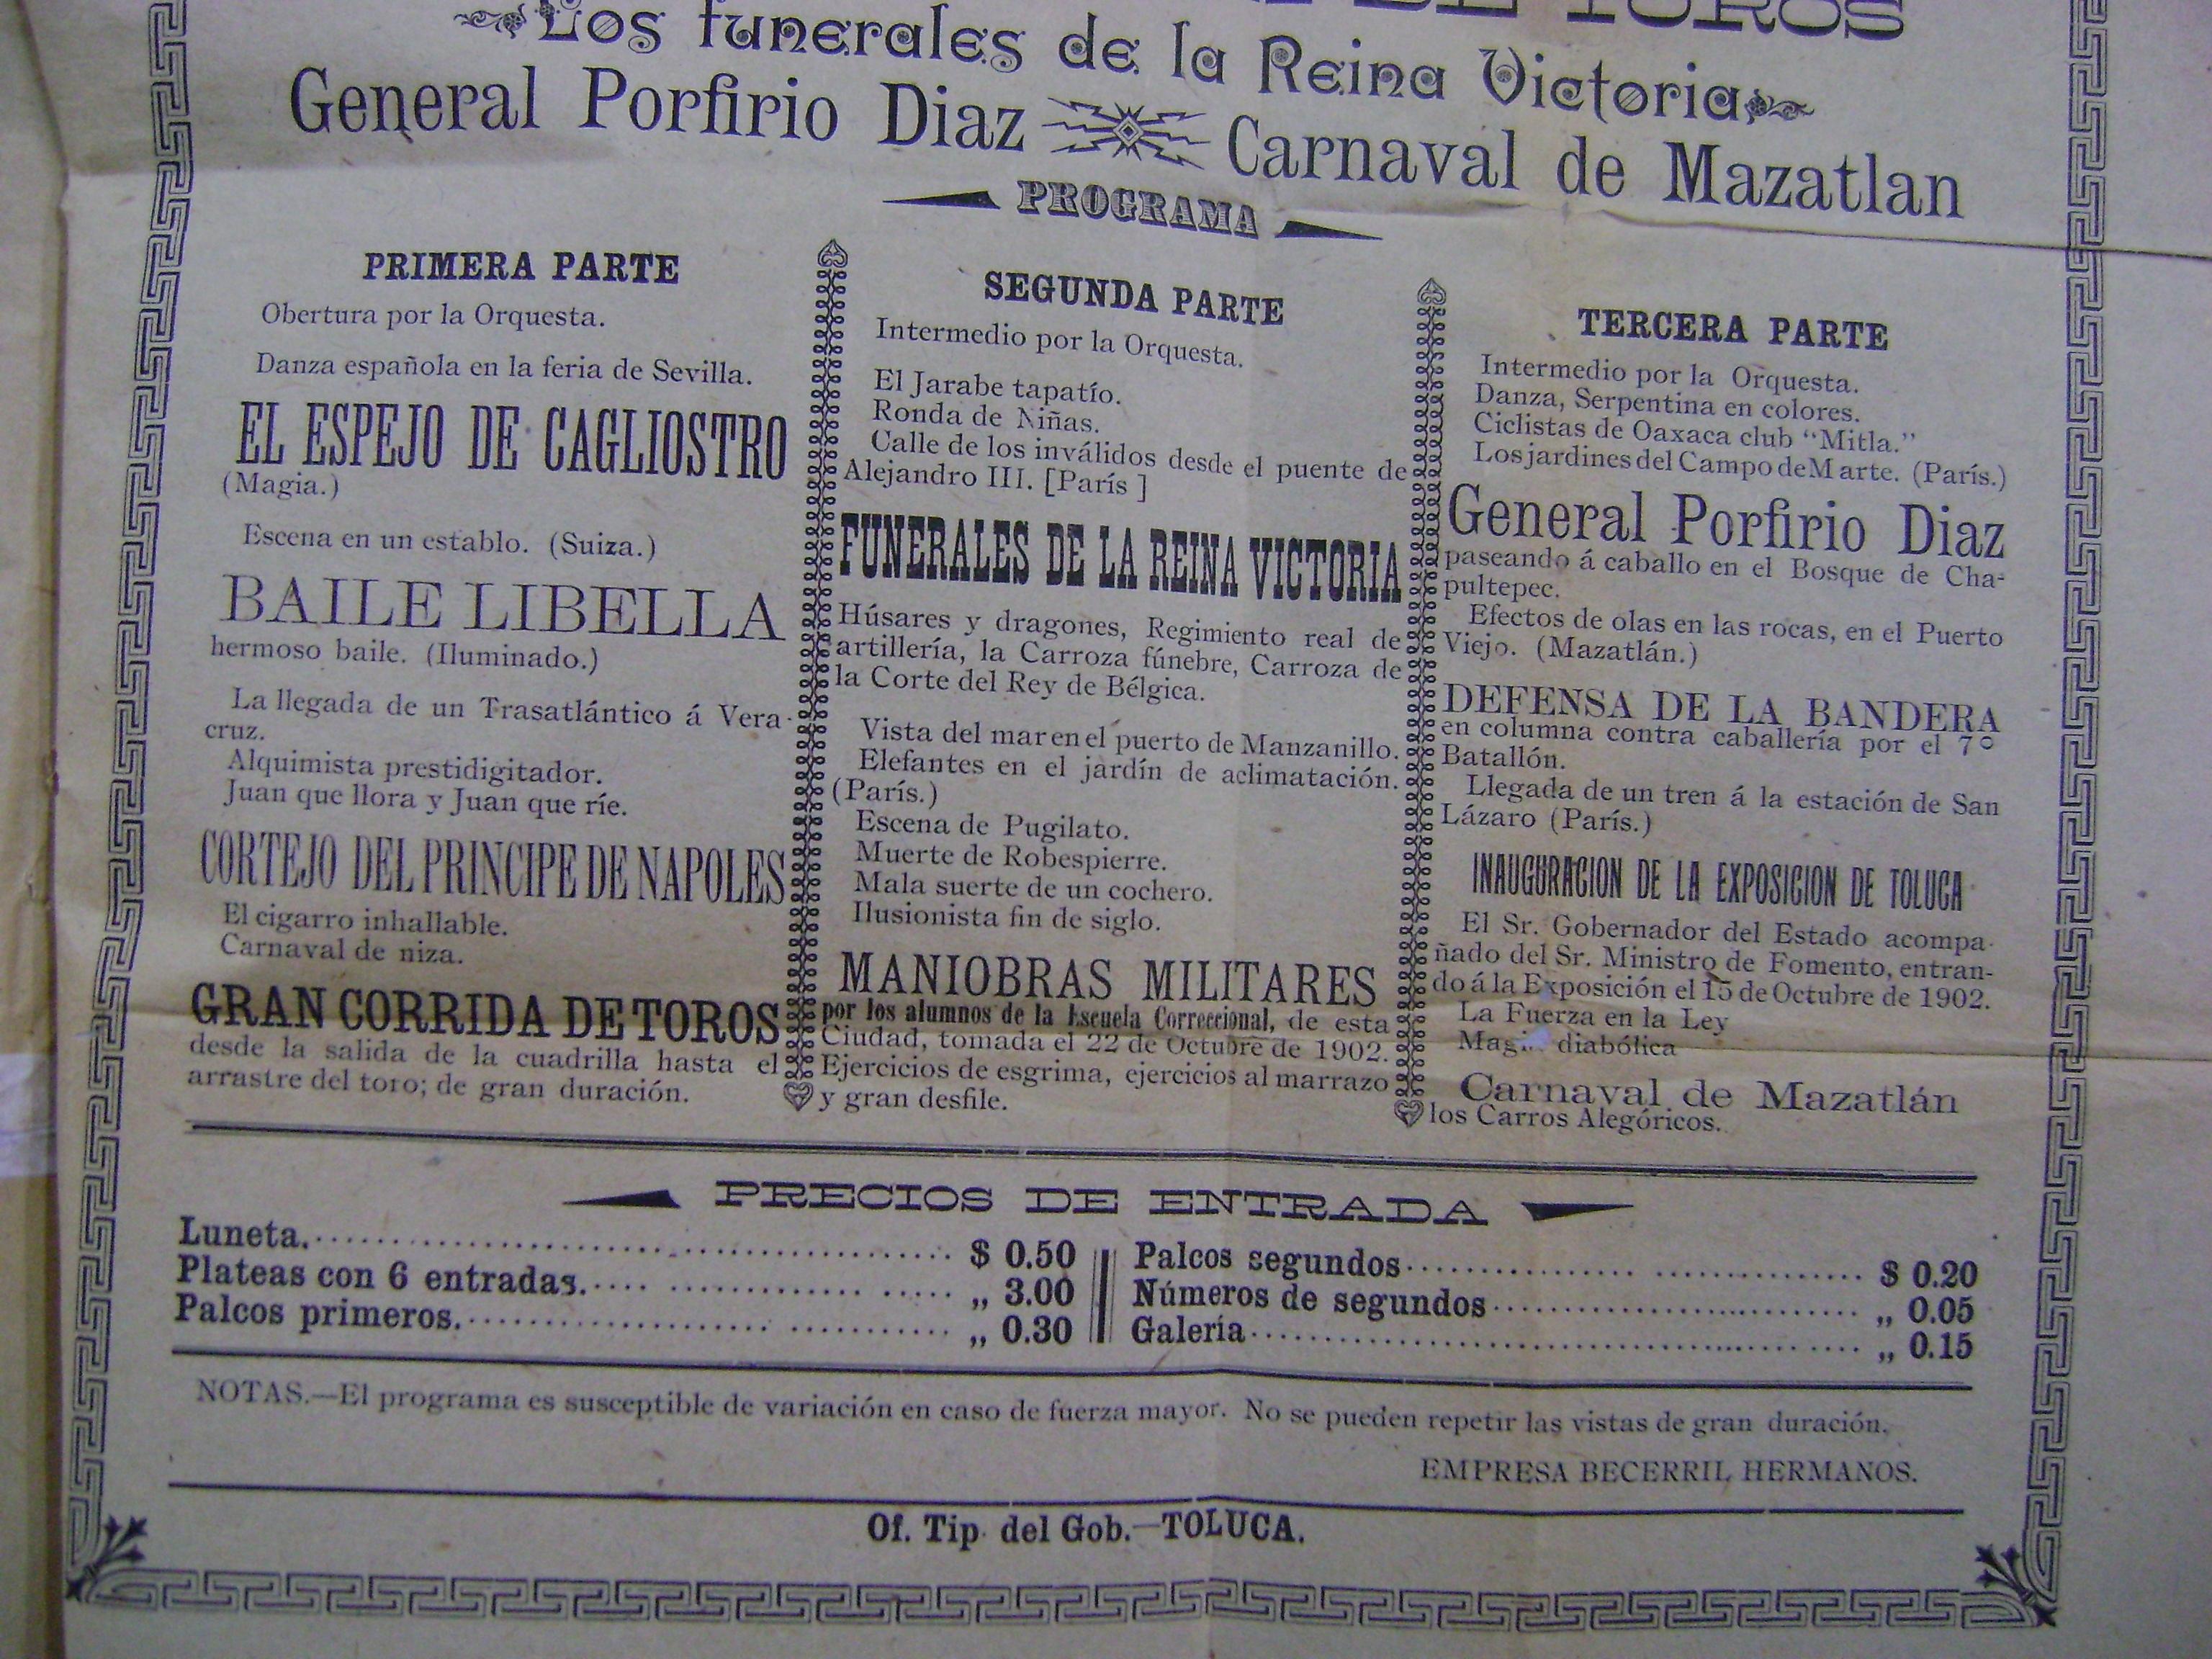 Cartel del Teatro Principal del 26 de octubre de 1902